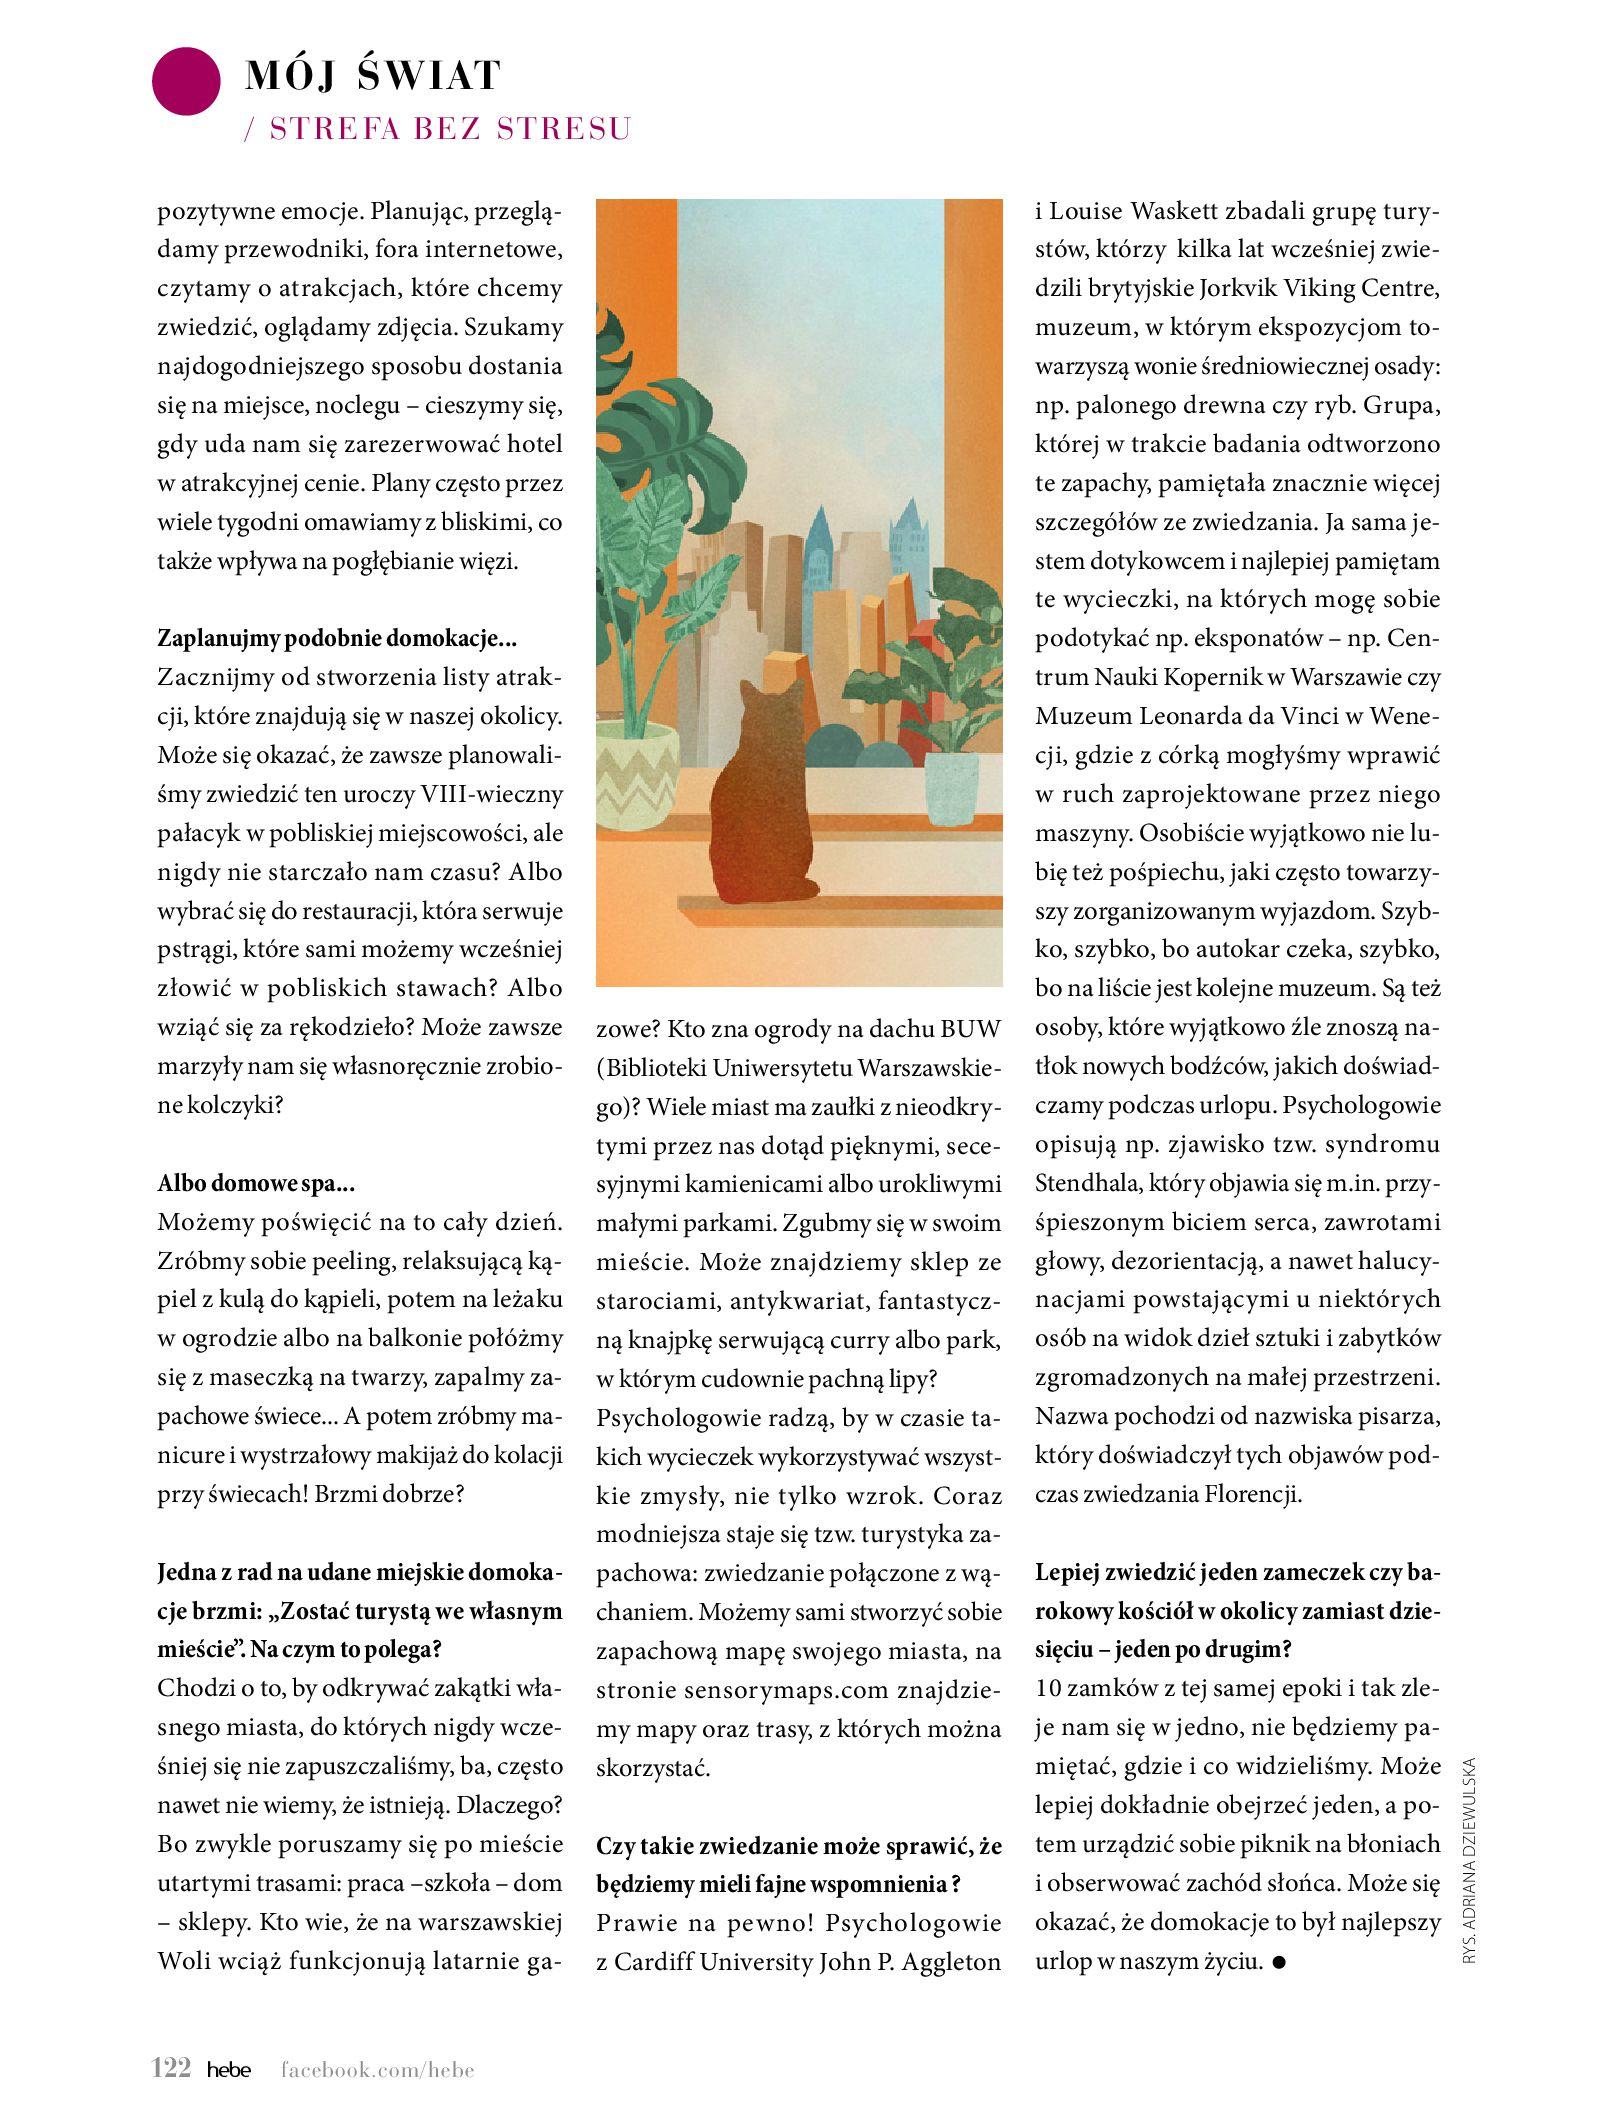 Gazetka hebe - Magazyn Hebe-30.06.2020-31.08.2020-page-122